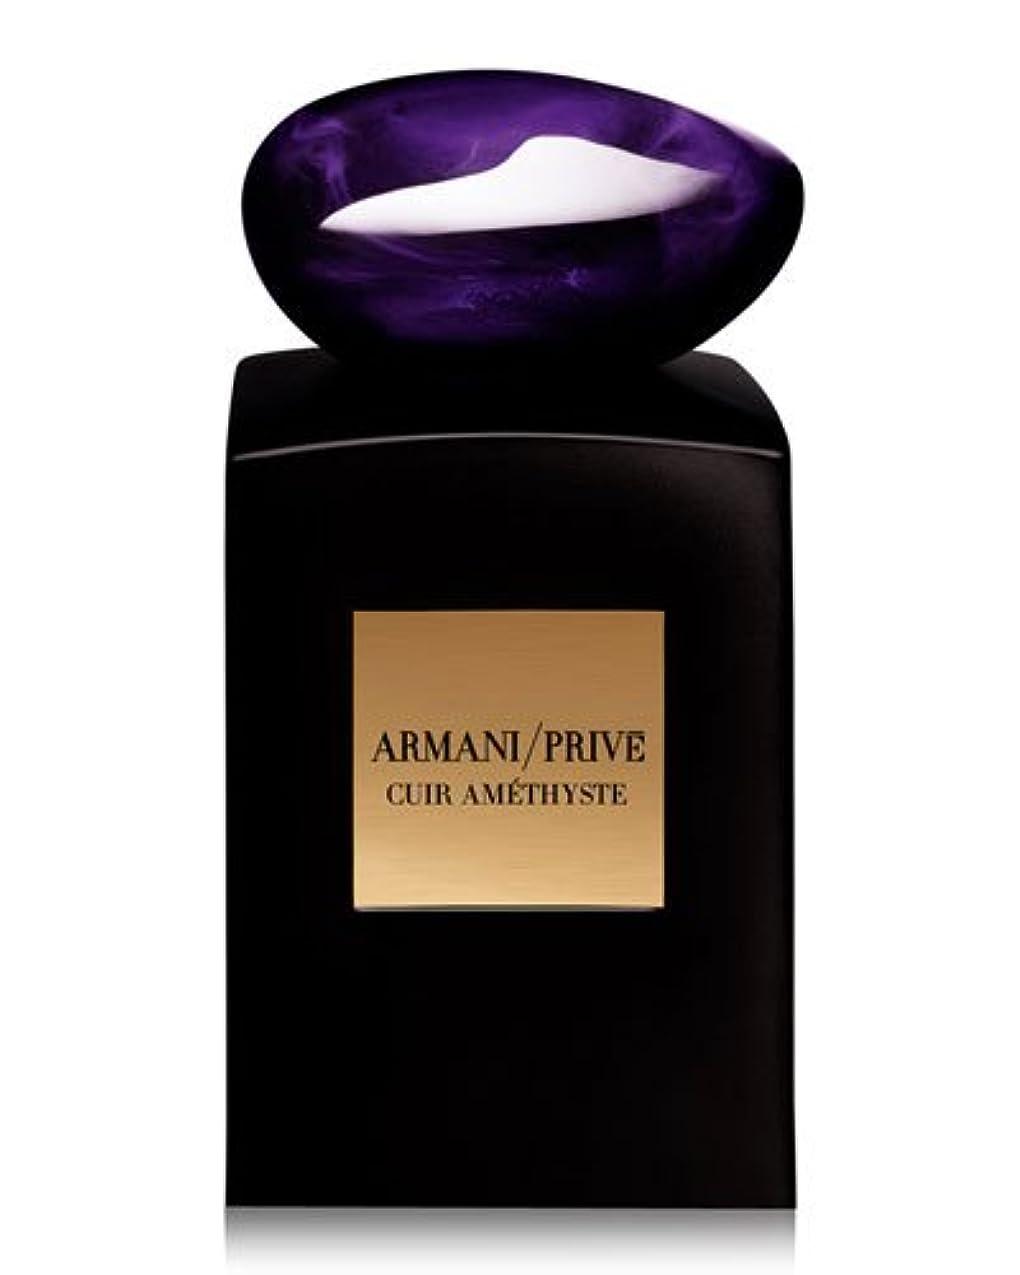 機械的に細いどっちでもArmani Prive Cuir Amethyste (アルマーニ プリベ キュア アメジスト) 3.4 oz (100ml) EDP Spray by Giorgio Armani for Men